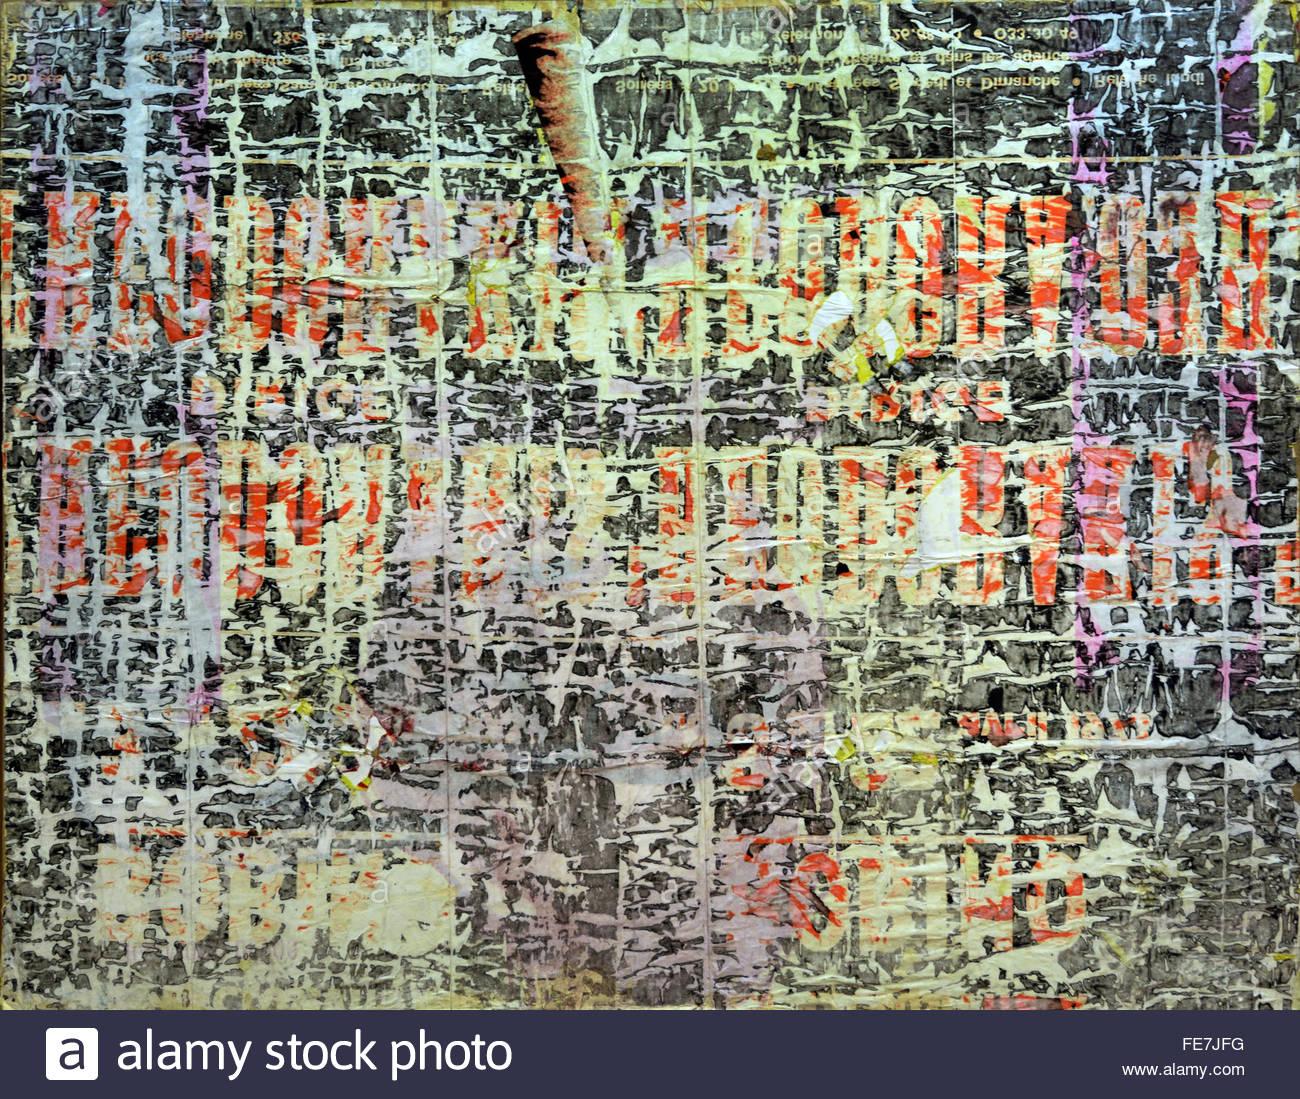 Tee 1973 Francois Dufrene 1930-1982 ist ein visueller Künstler und Dichter Französisch Lettrismus Frankreich Stockbild